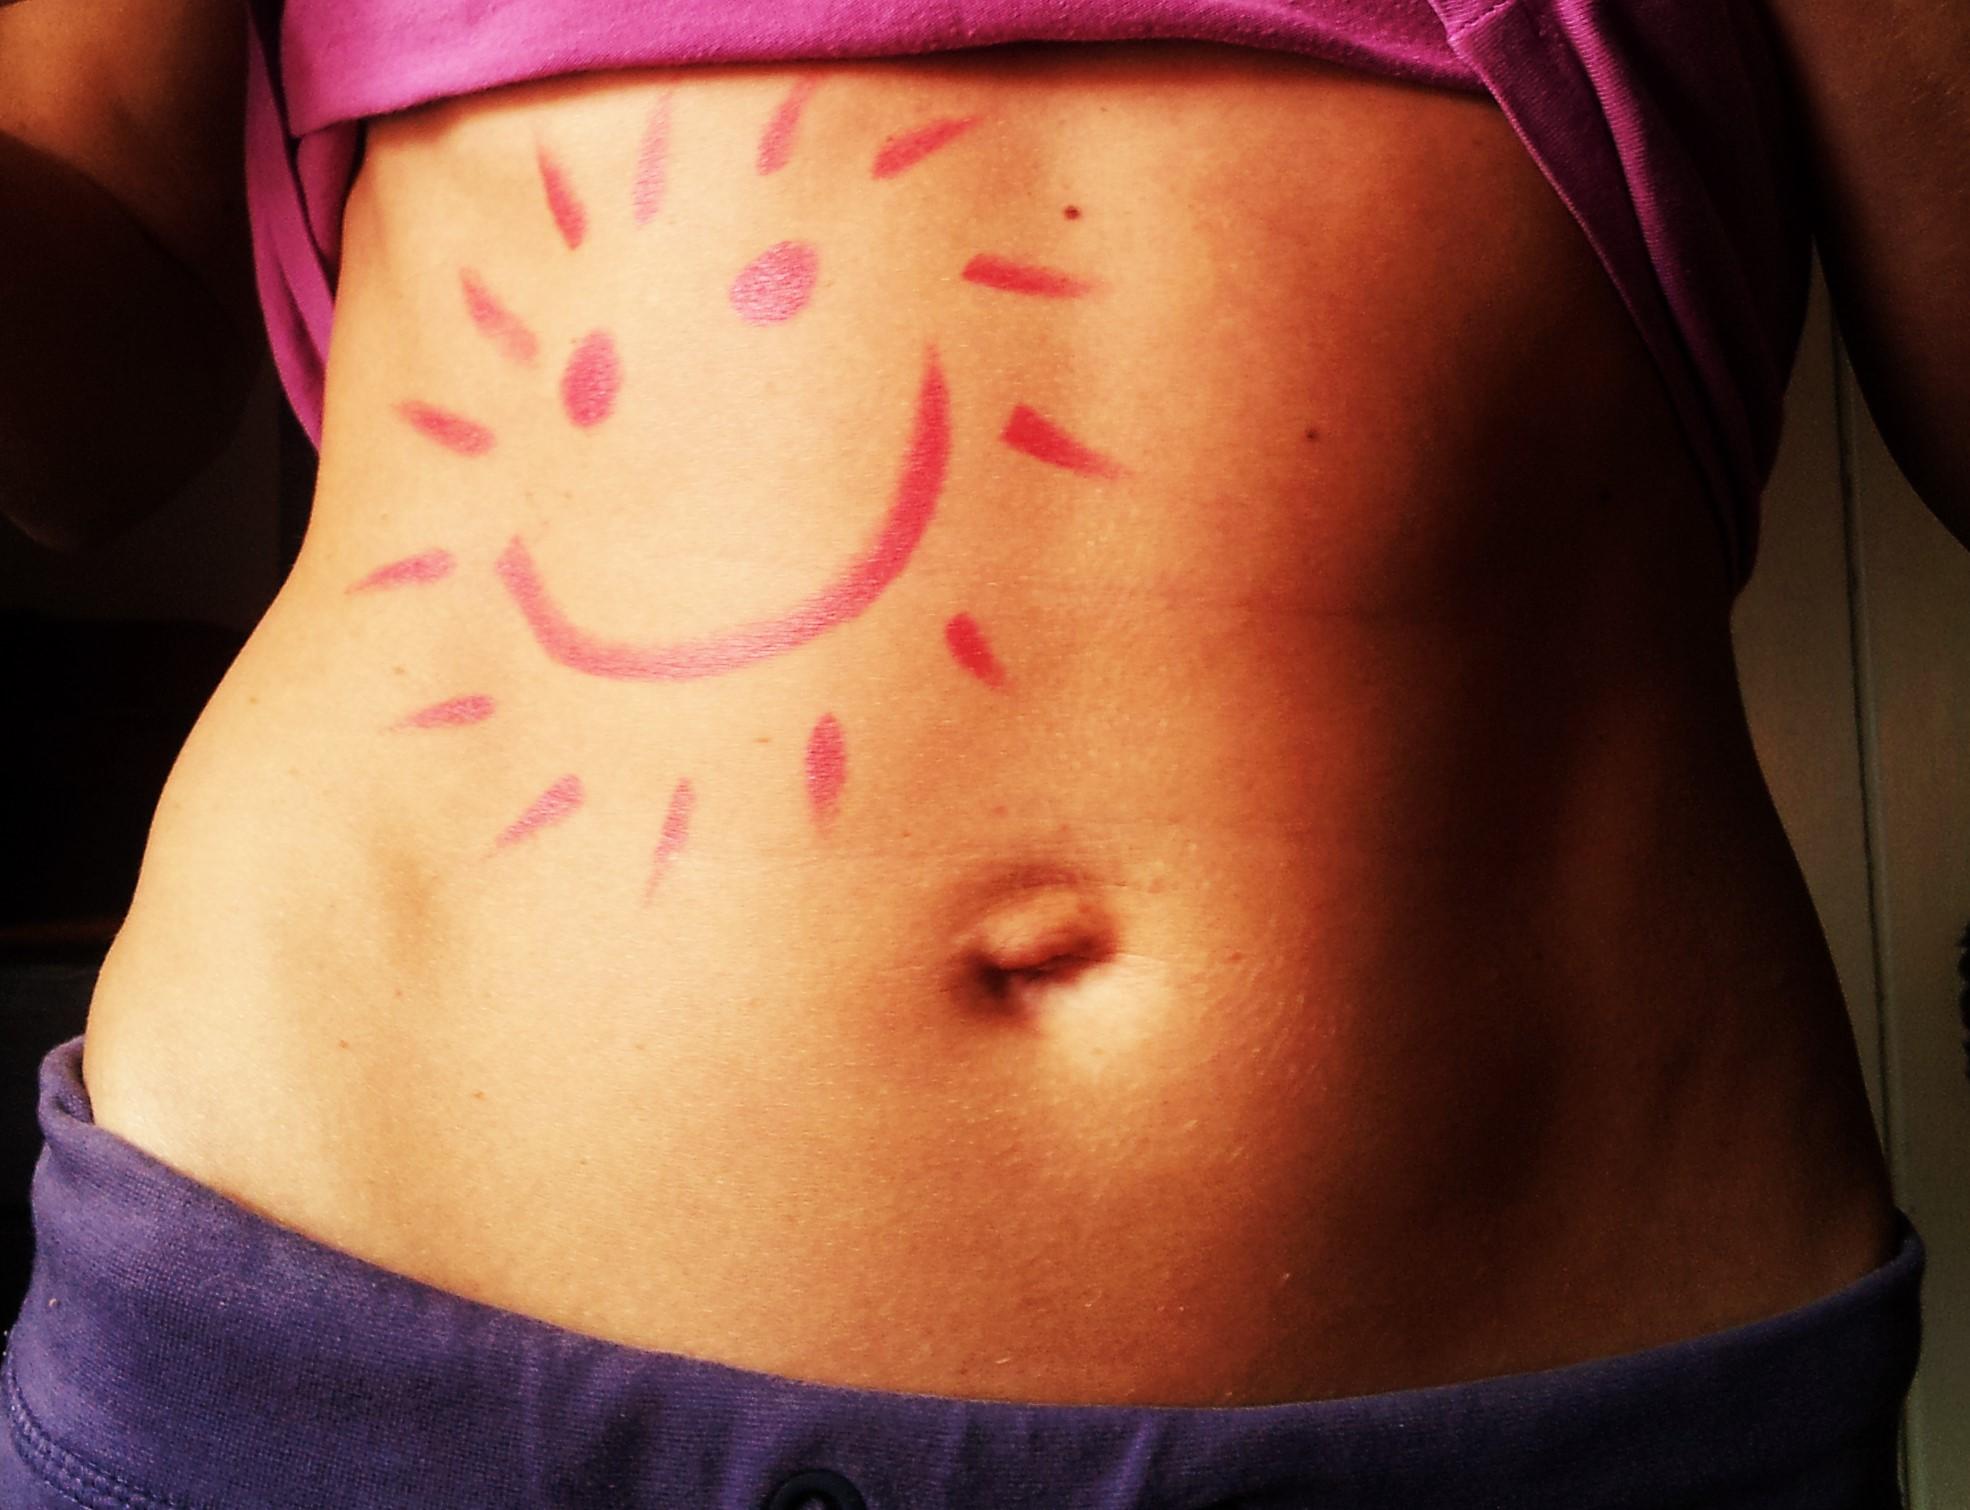 Bauch mit Sonne